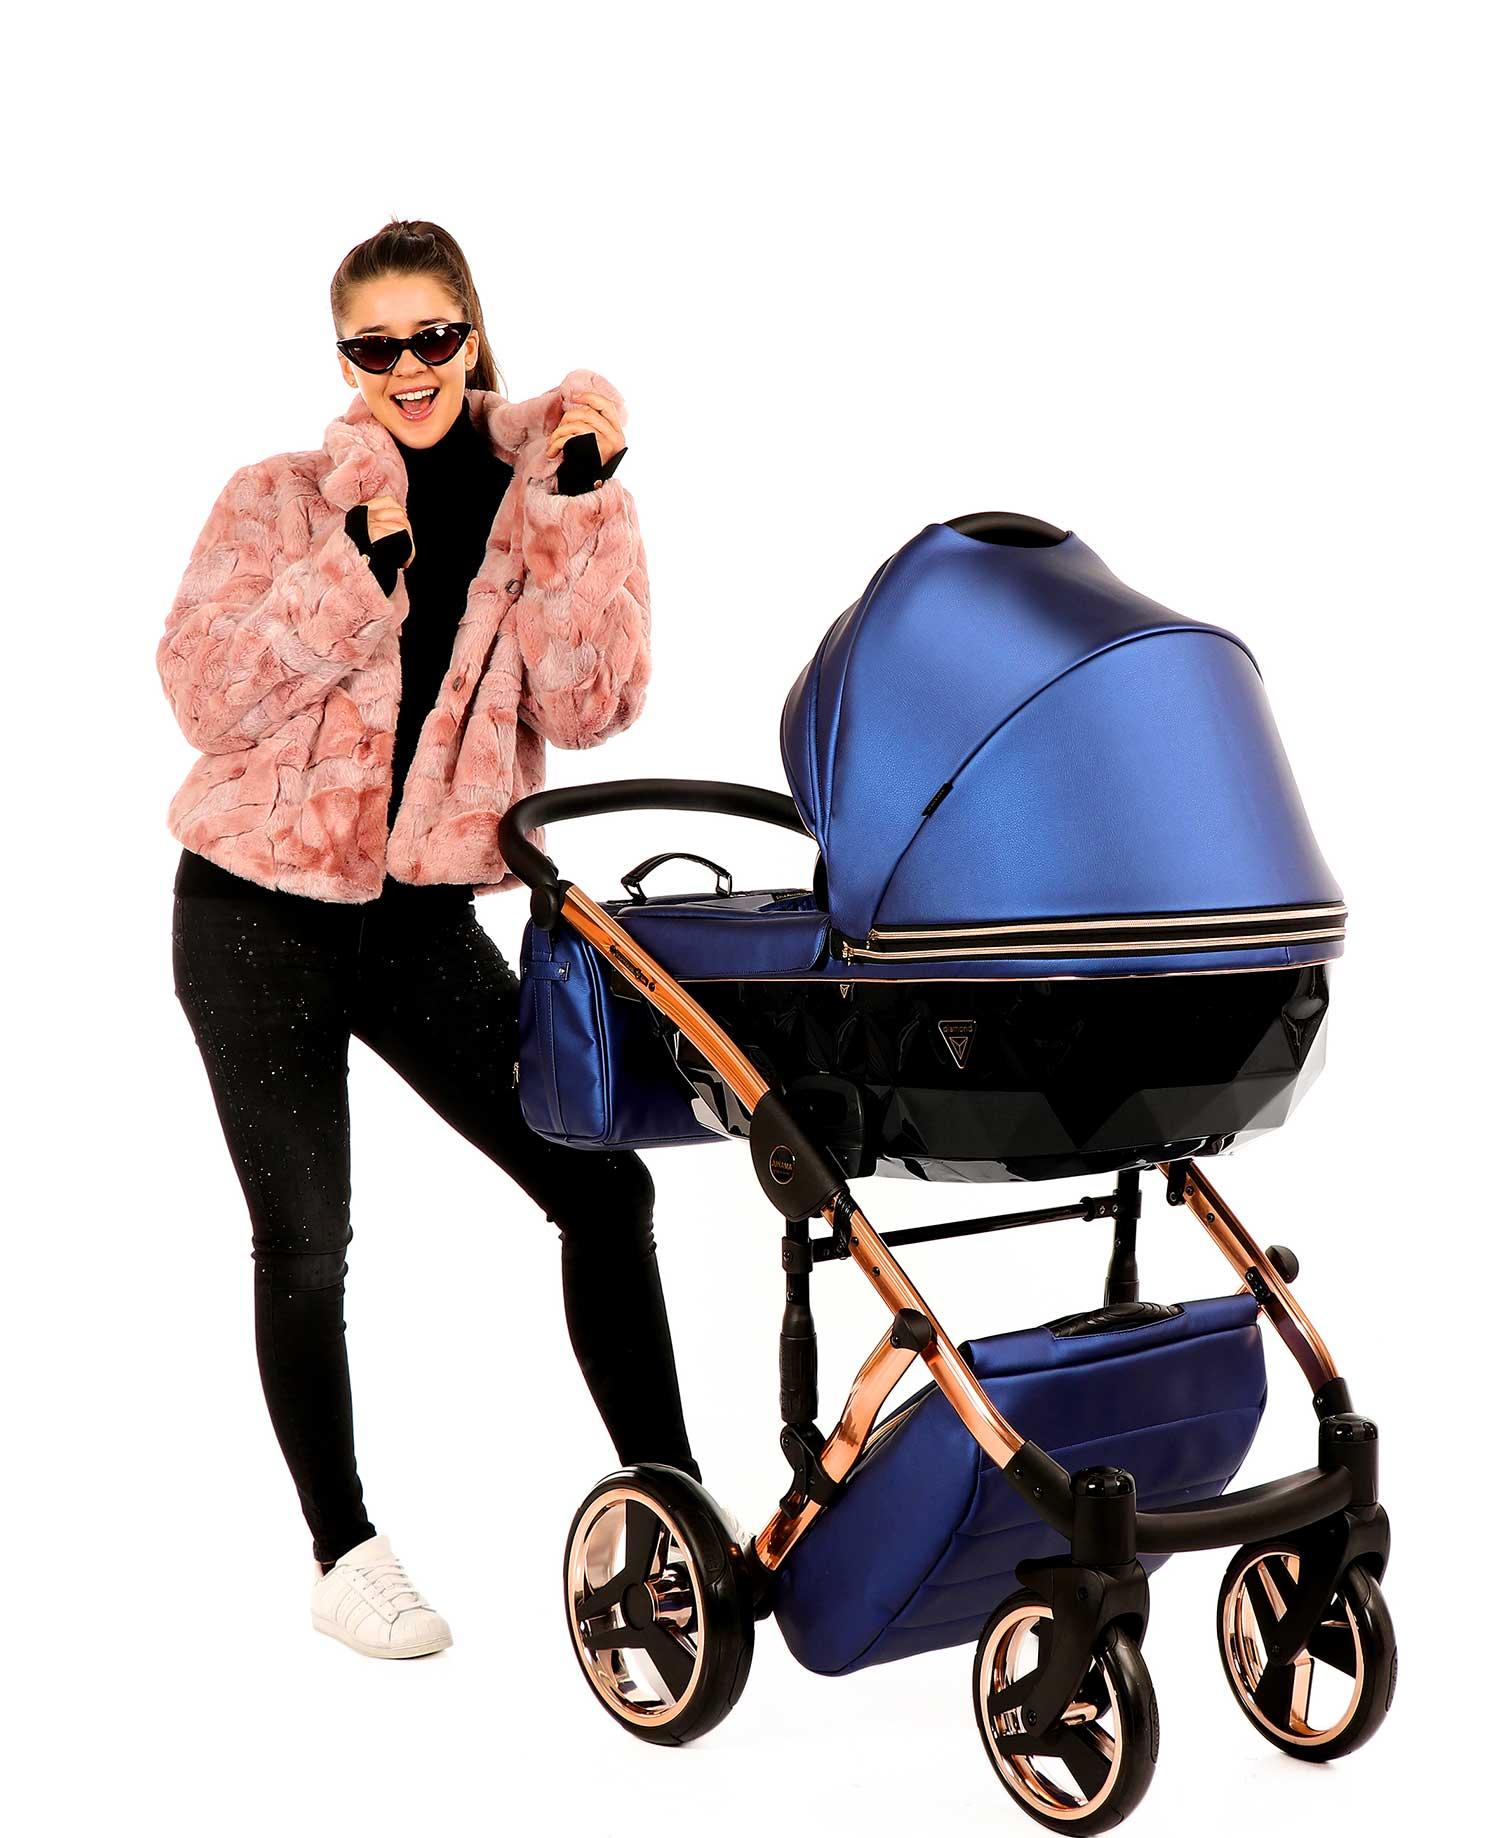 wózek dziecięcy wielofunkcyjny Junama Fluo Line